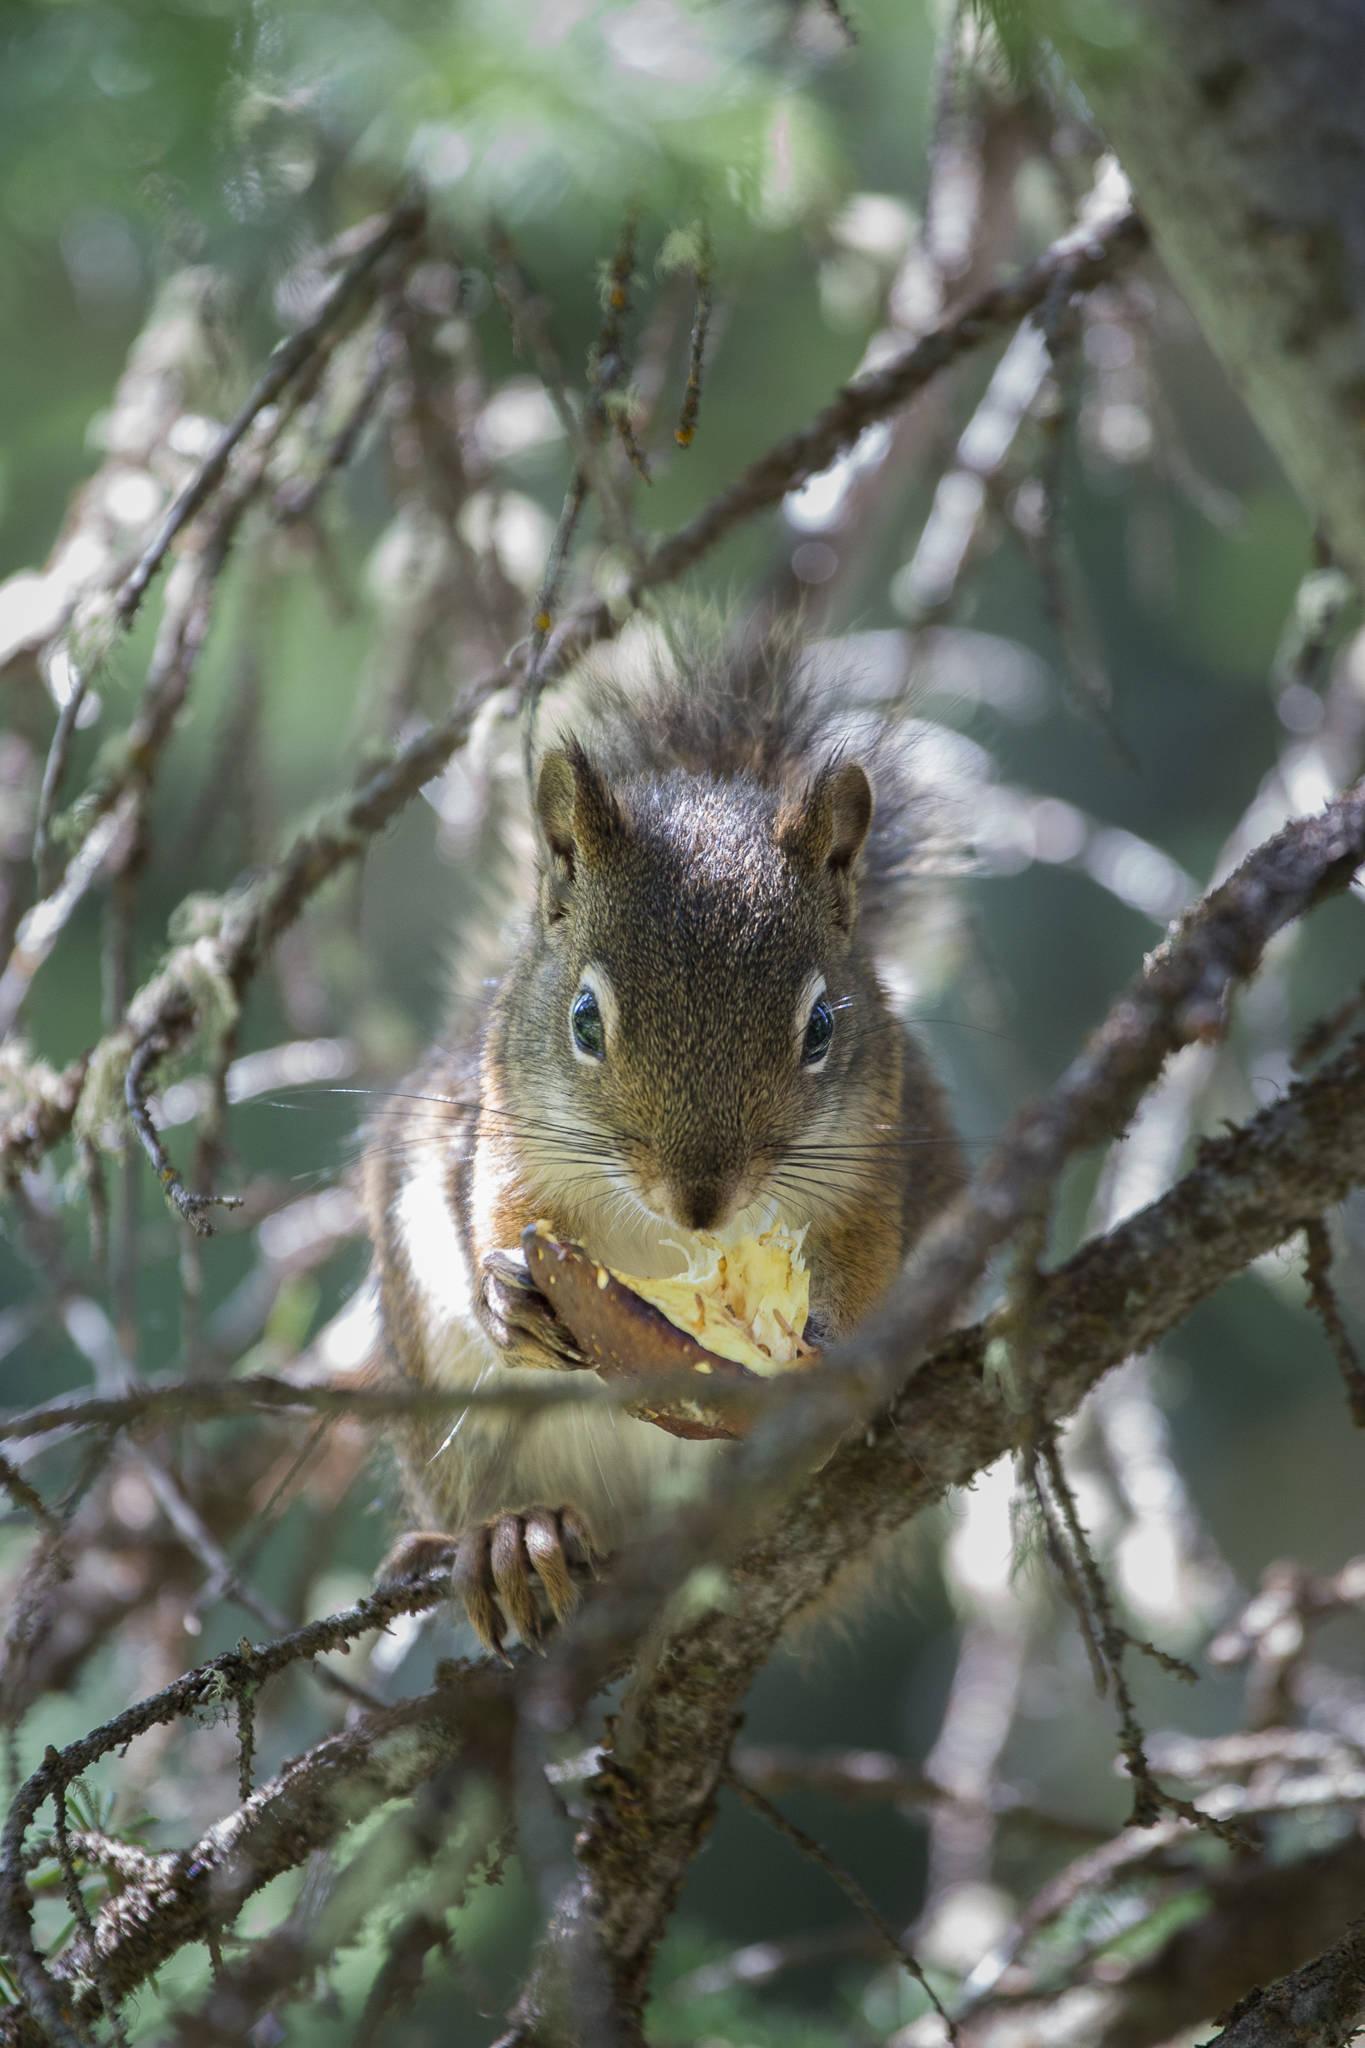 Grand Teton Nationalpark - Eichhörnchen (1280)